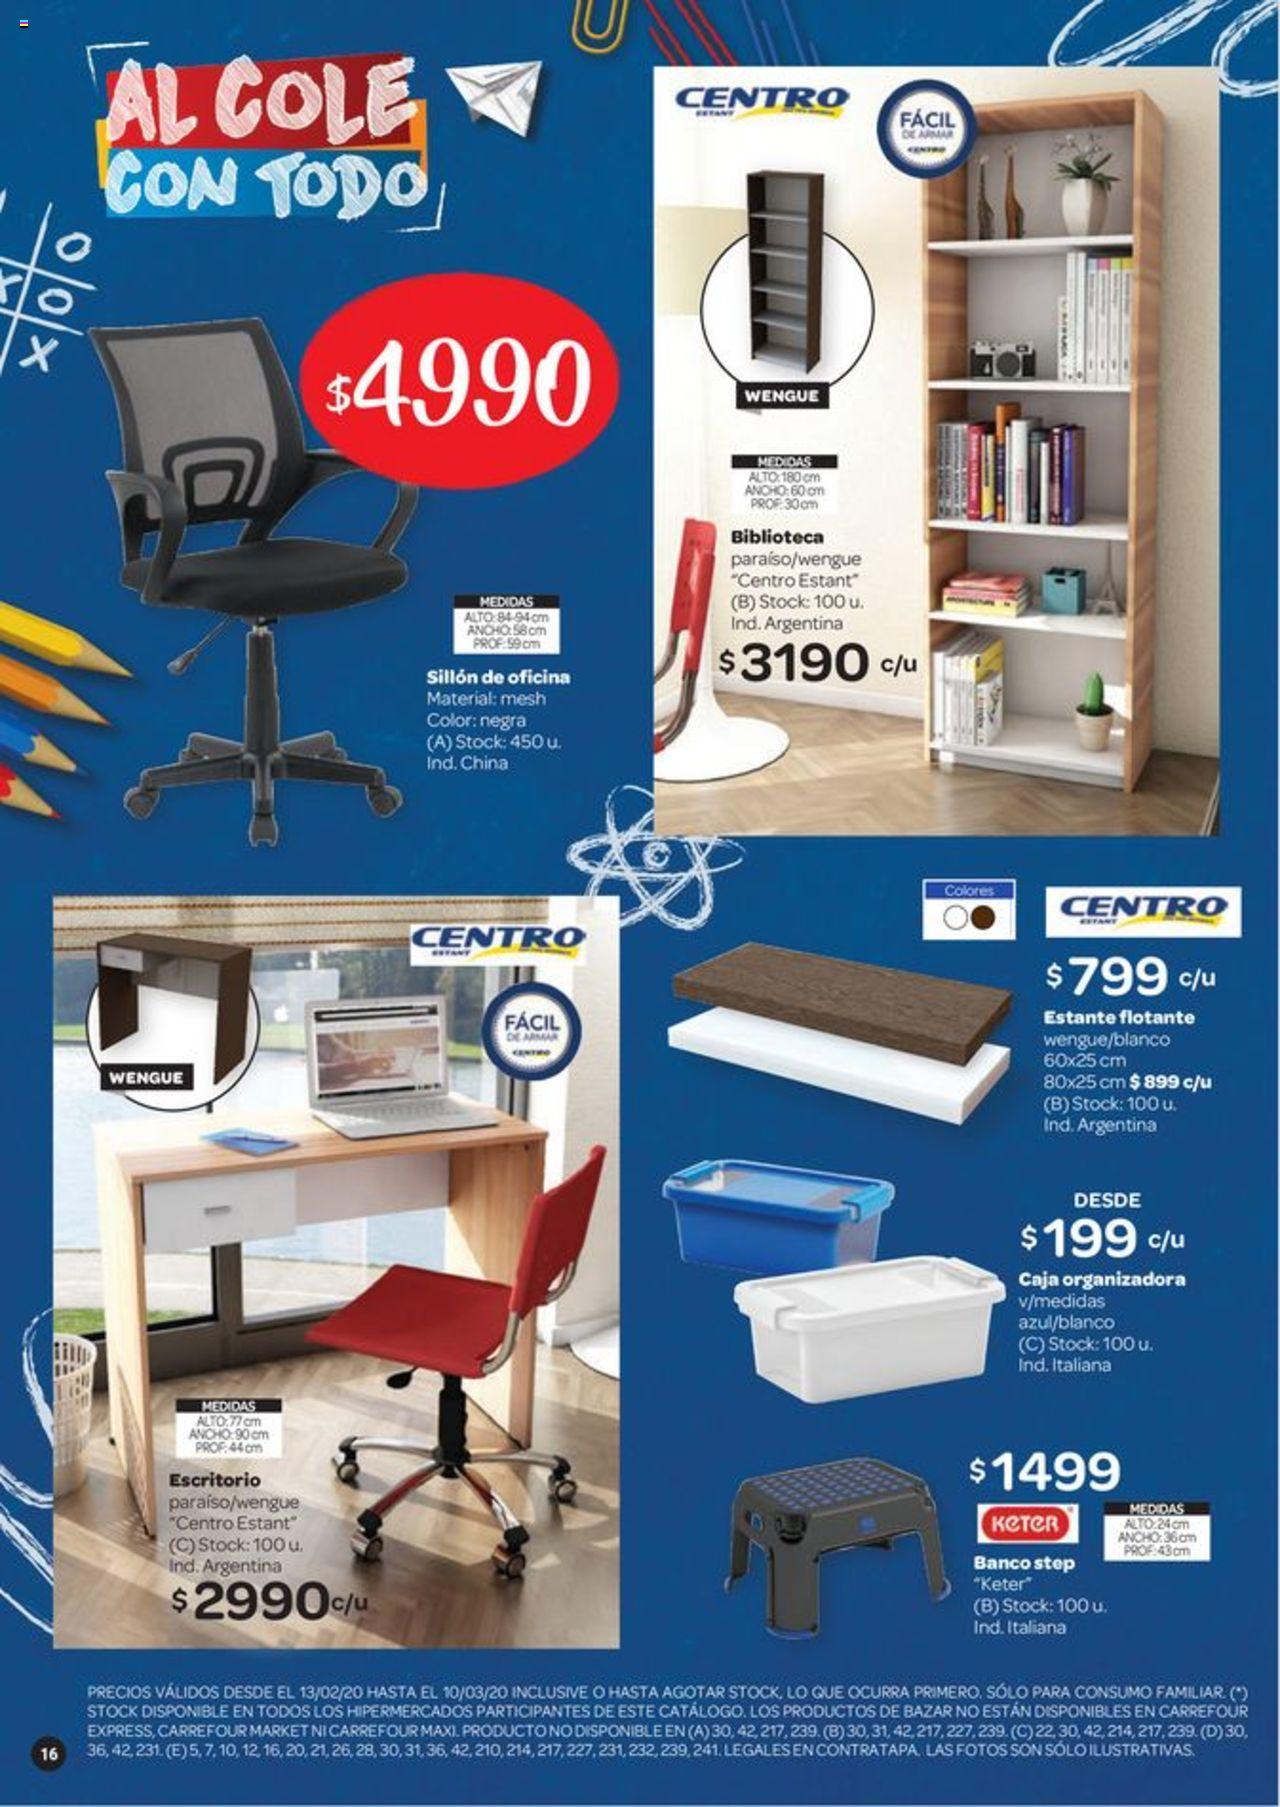 Carrefour Oferta válido desde el 13/02/2020 número de página 1 | Página: 16